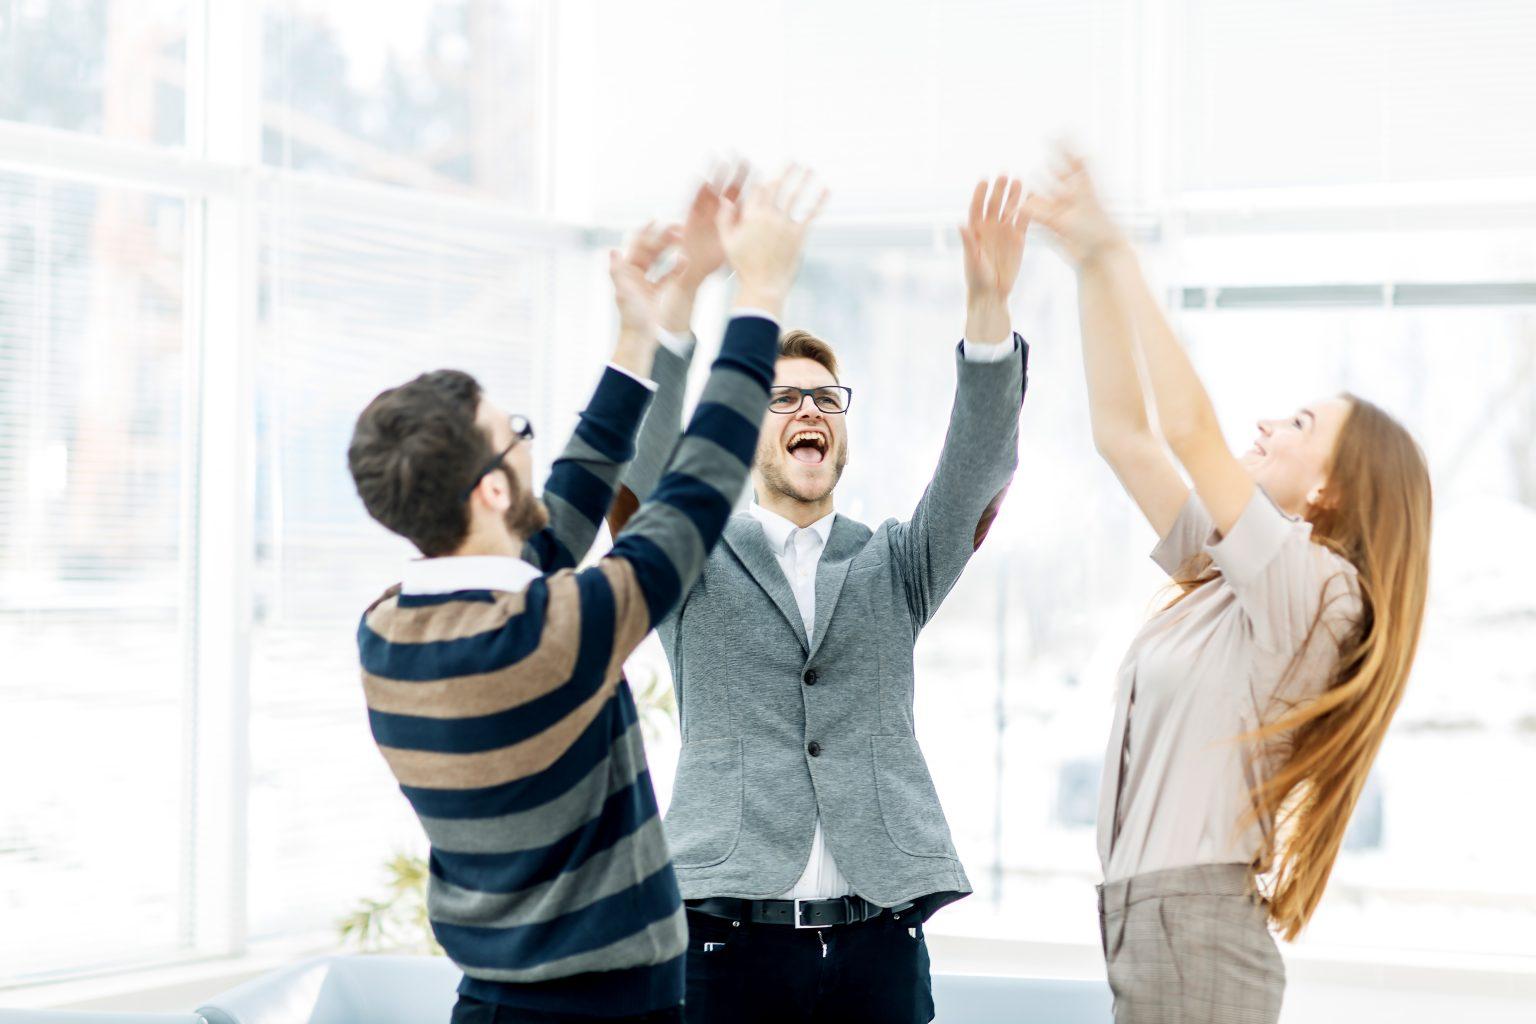 Kundenzufriedenheitsanalyse lachende Personen